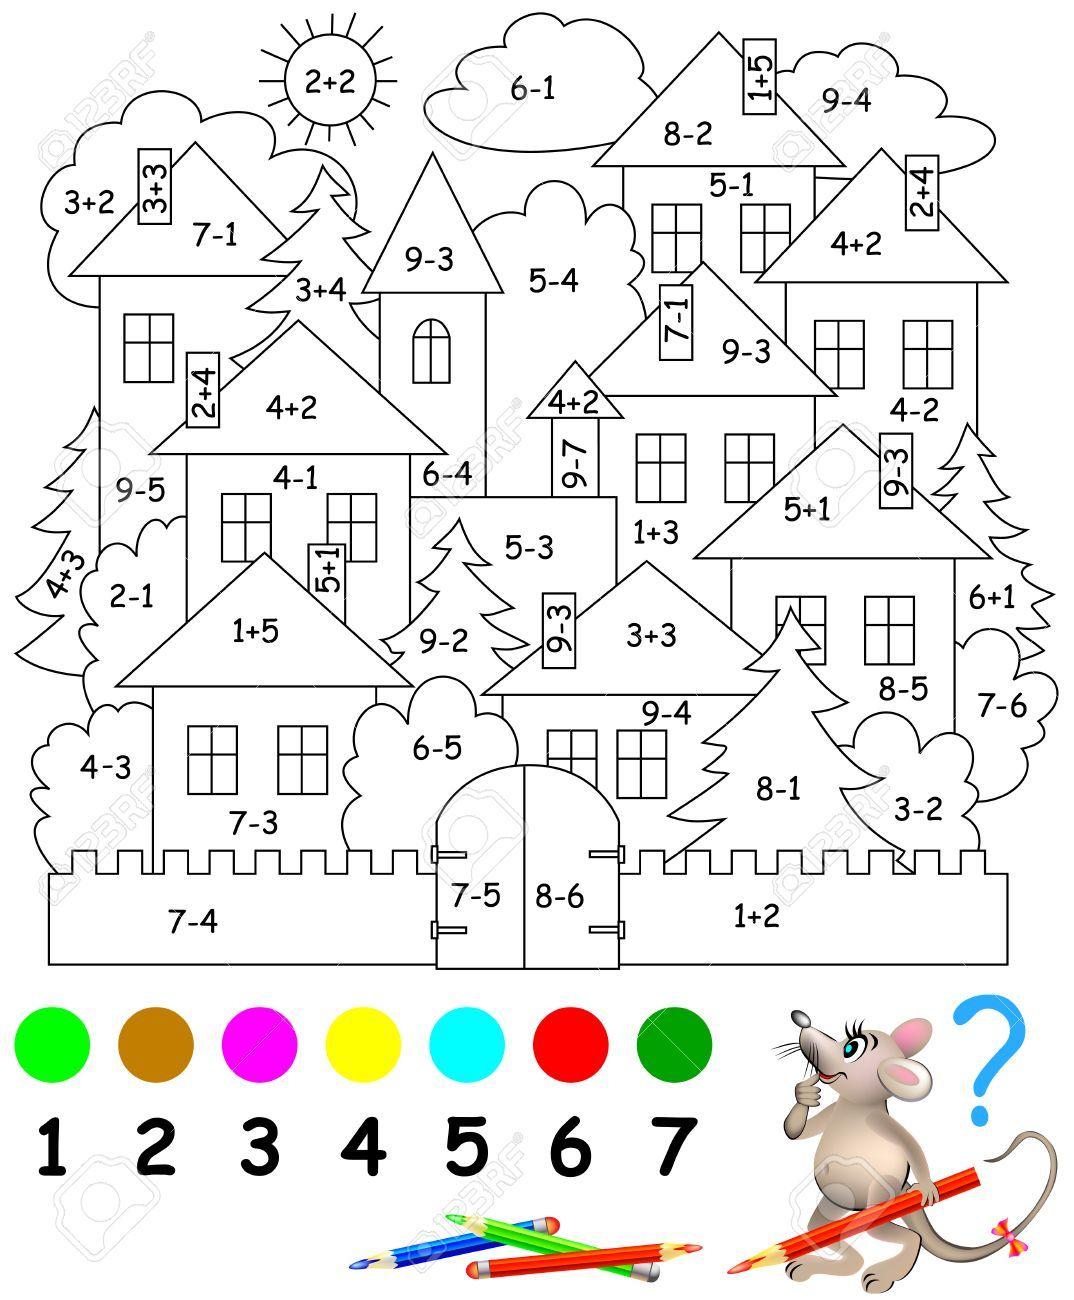 Relaterad Bild Esikoululaisille Matematiikkapelit Varitystehtavia